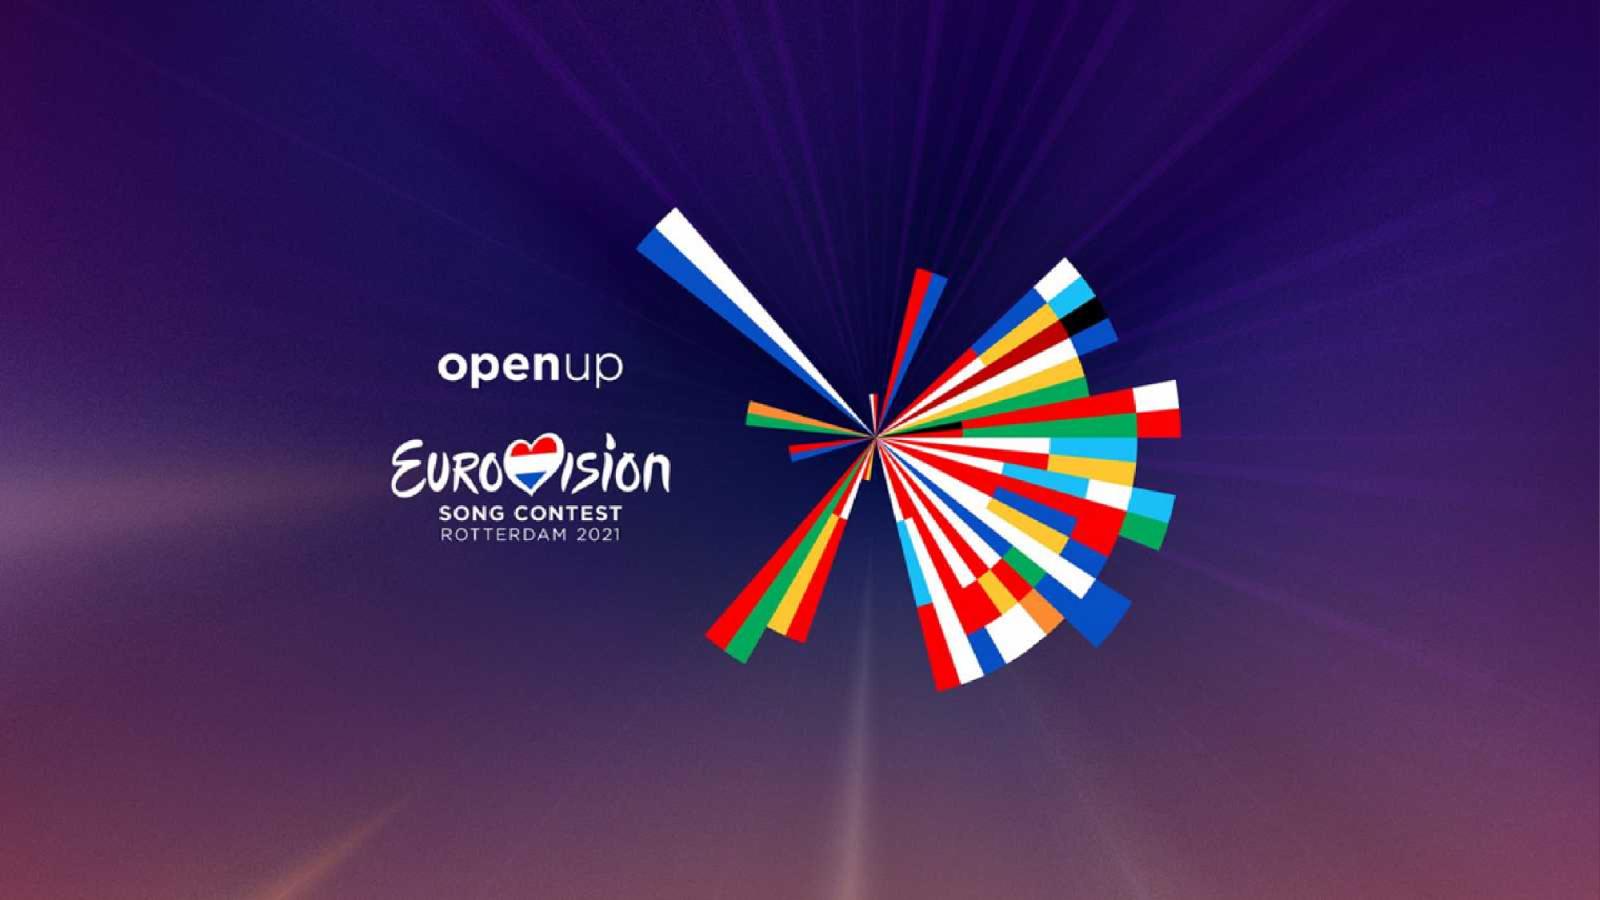 Wisteria Lane - Las cinco canciones más LGTB de Eurovisión 2021 - 16/05/21 - Escuchar ahora